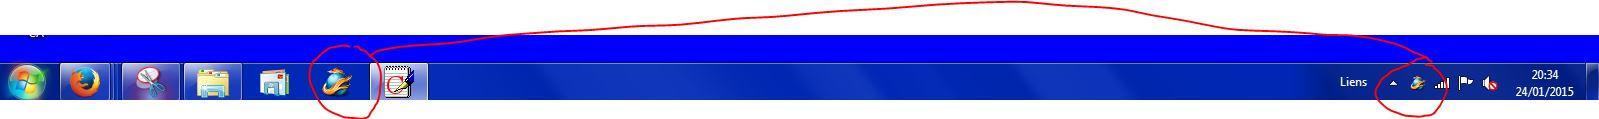 FIREMIN 100 fois moins de ressource utilisée 618422icneraccourcifiremin